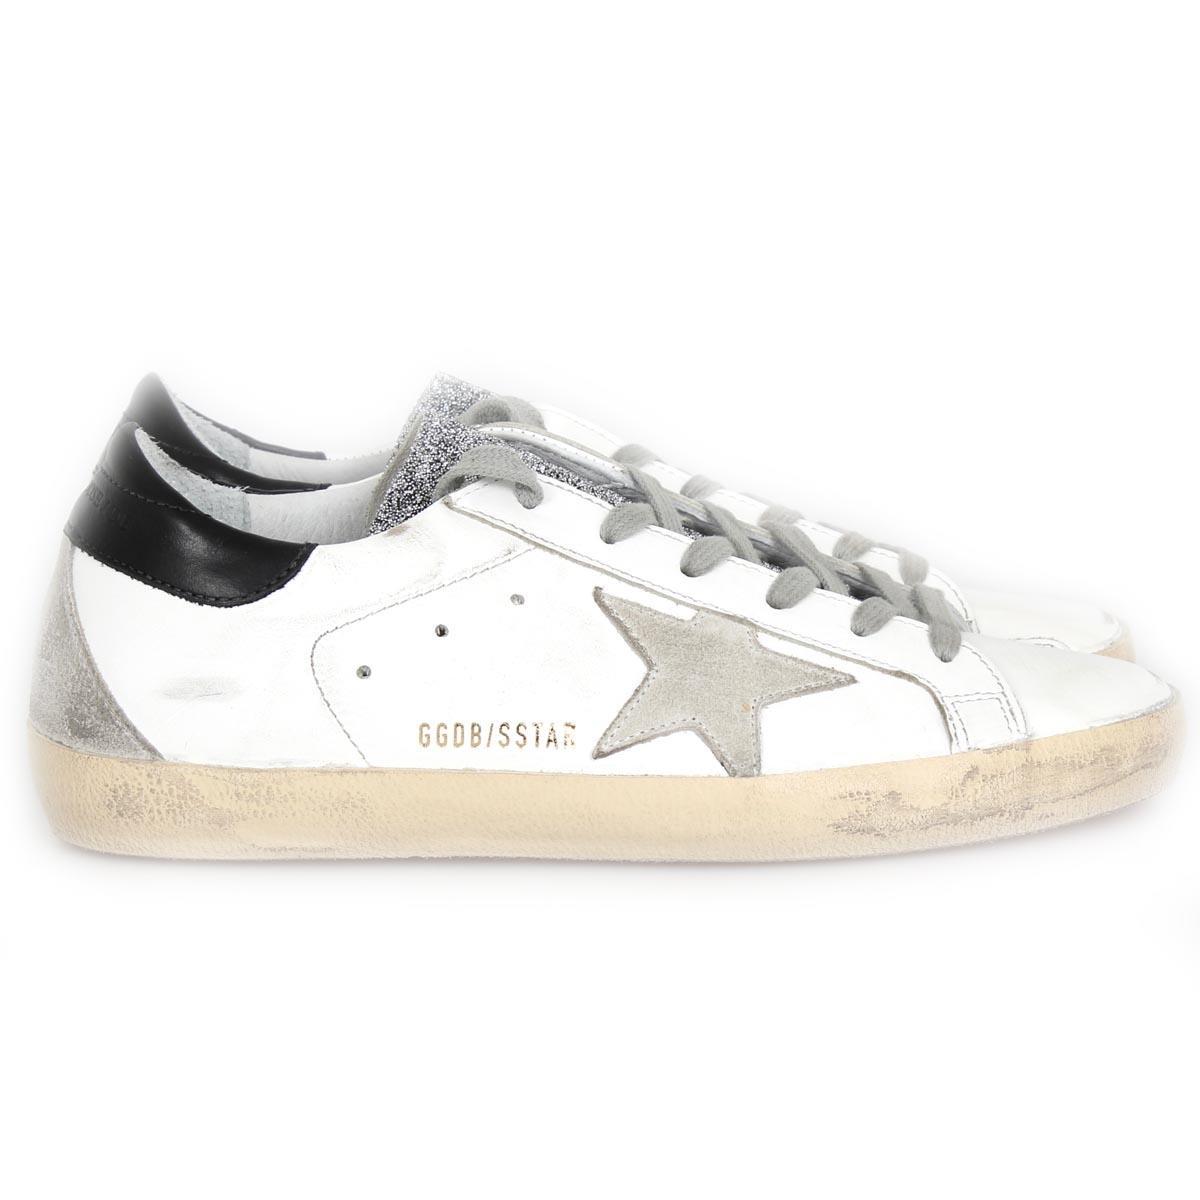 Golden Shoe Store